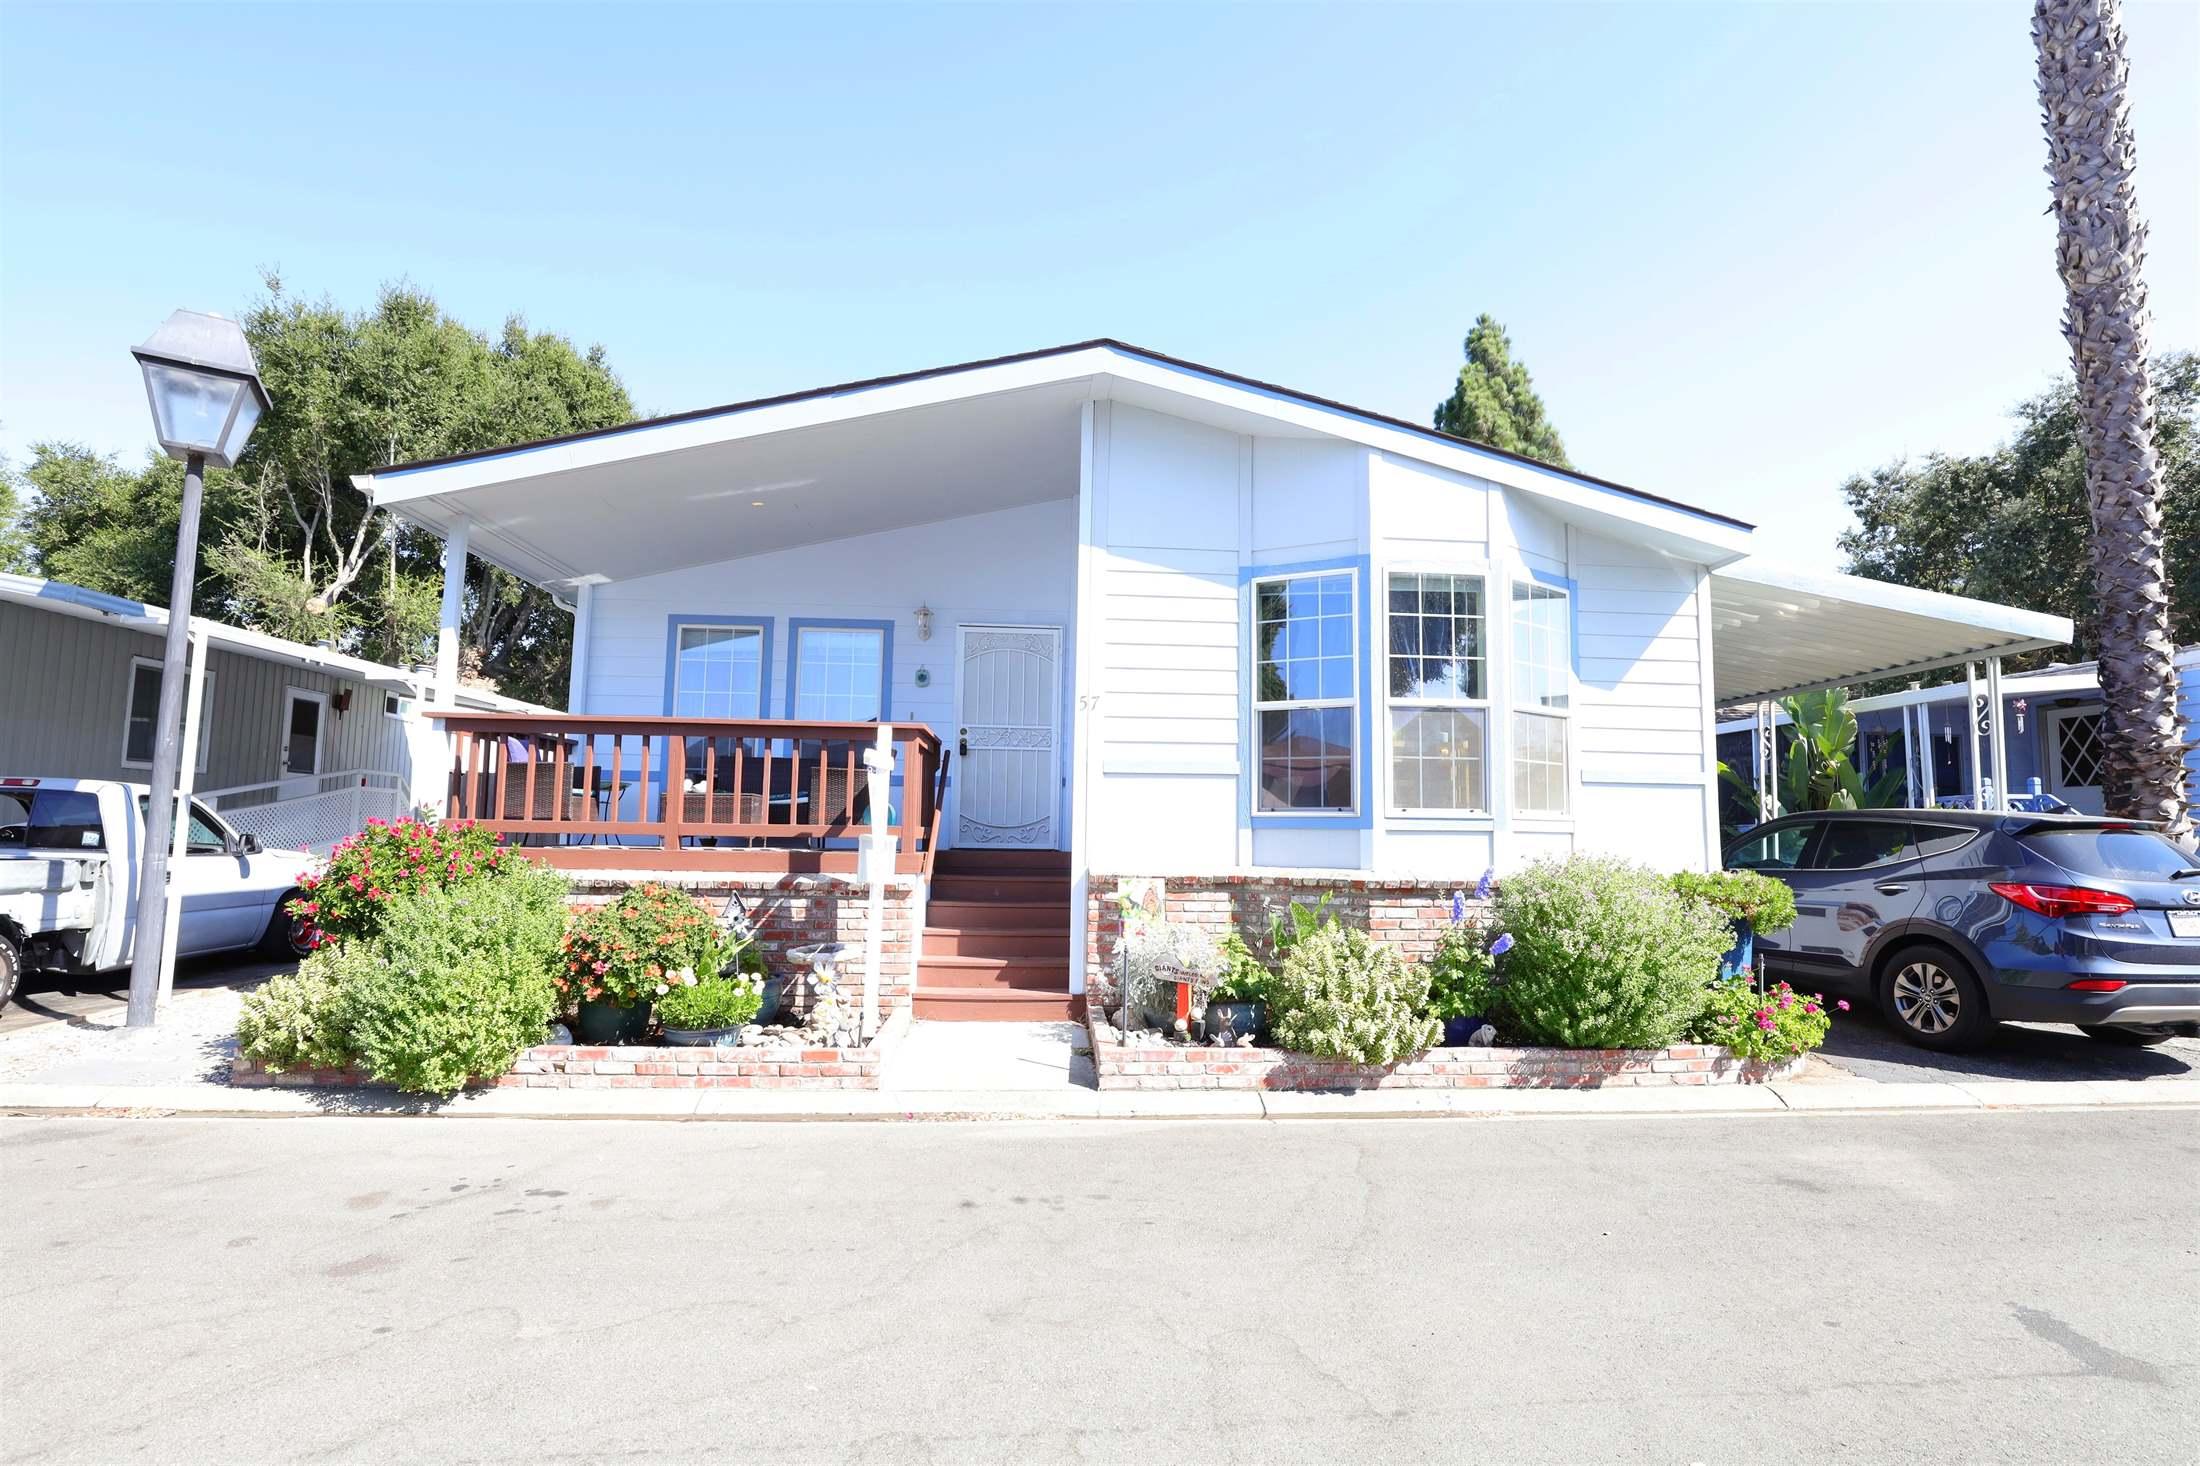 6130 Monterey RD 57, Santa Teresa, California